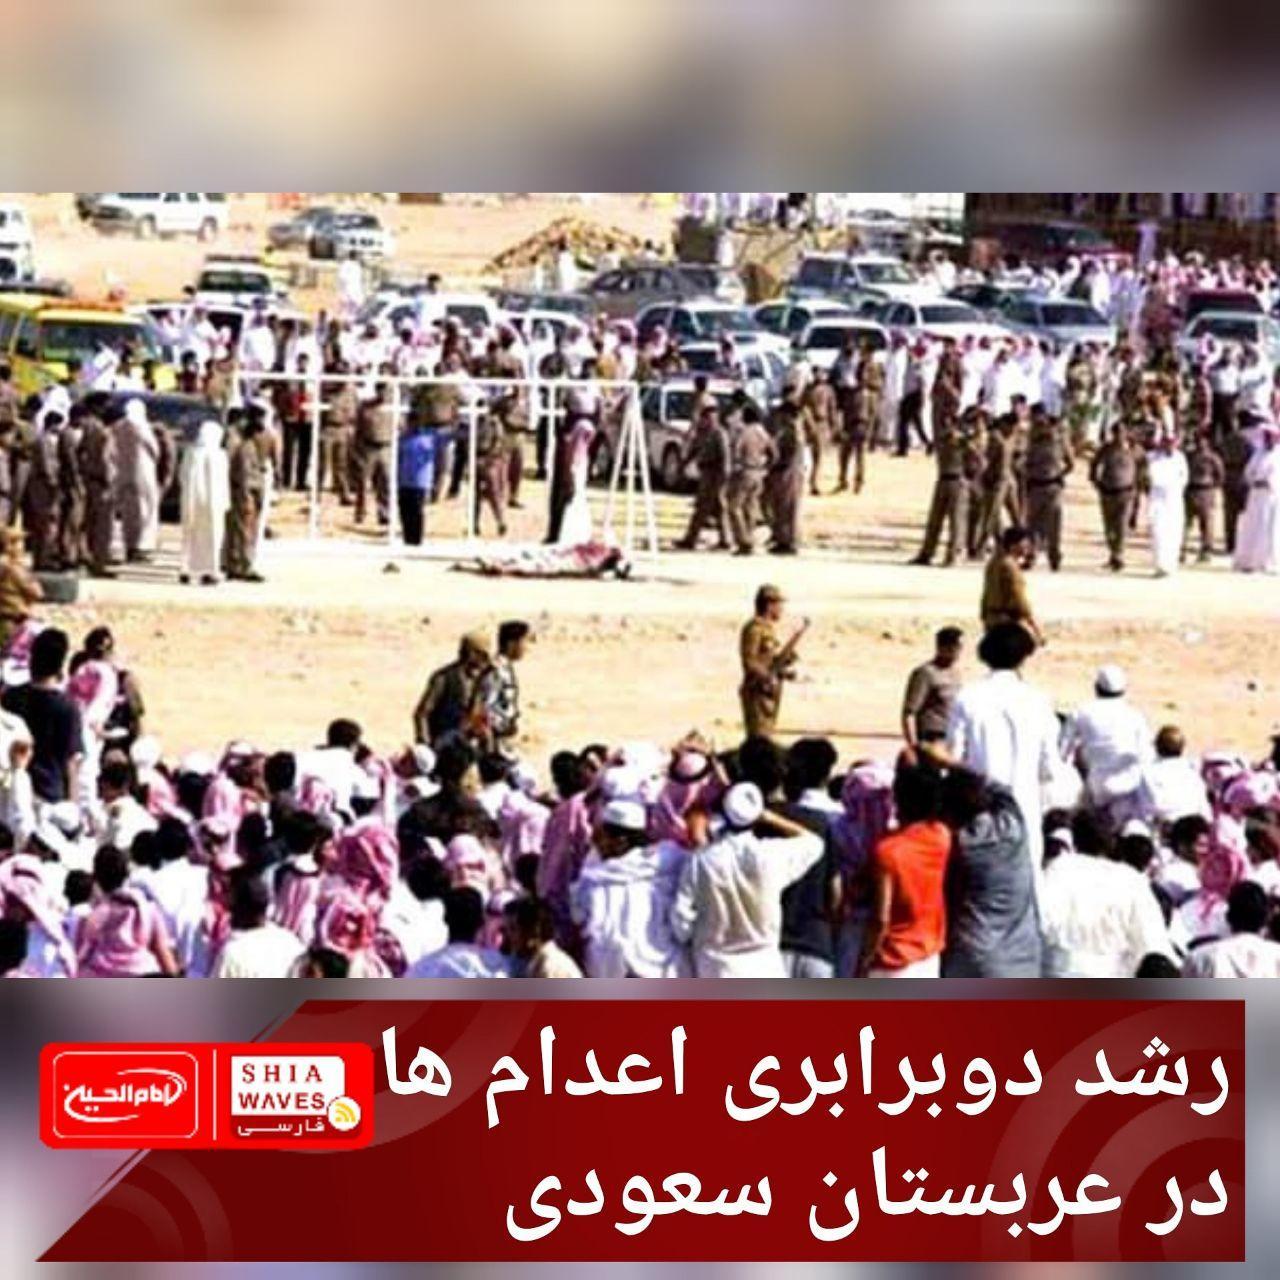 تصویر رشد دوبرابری اعدام ها در عربستان سعودی